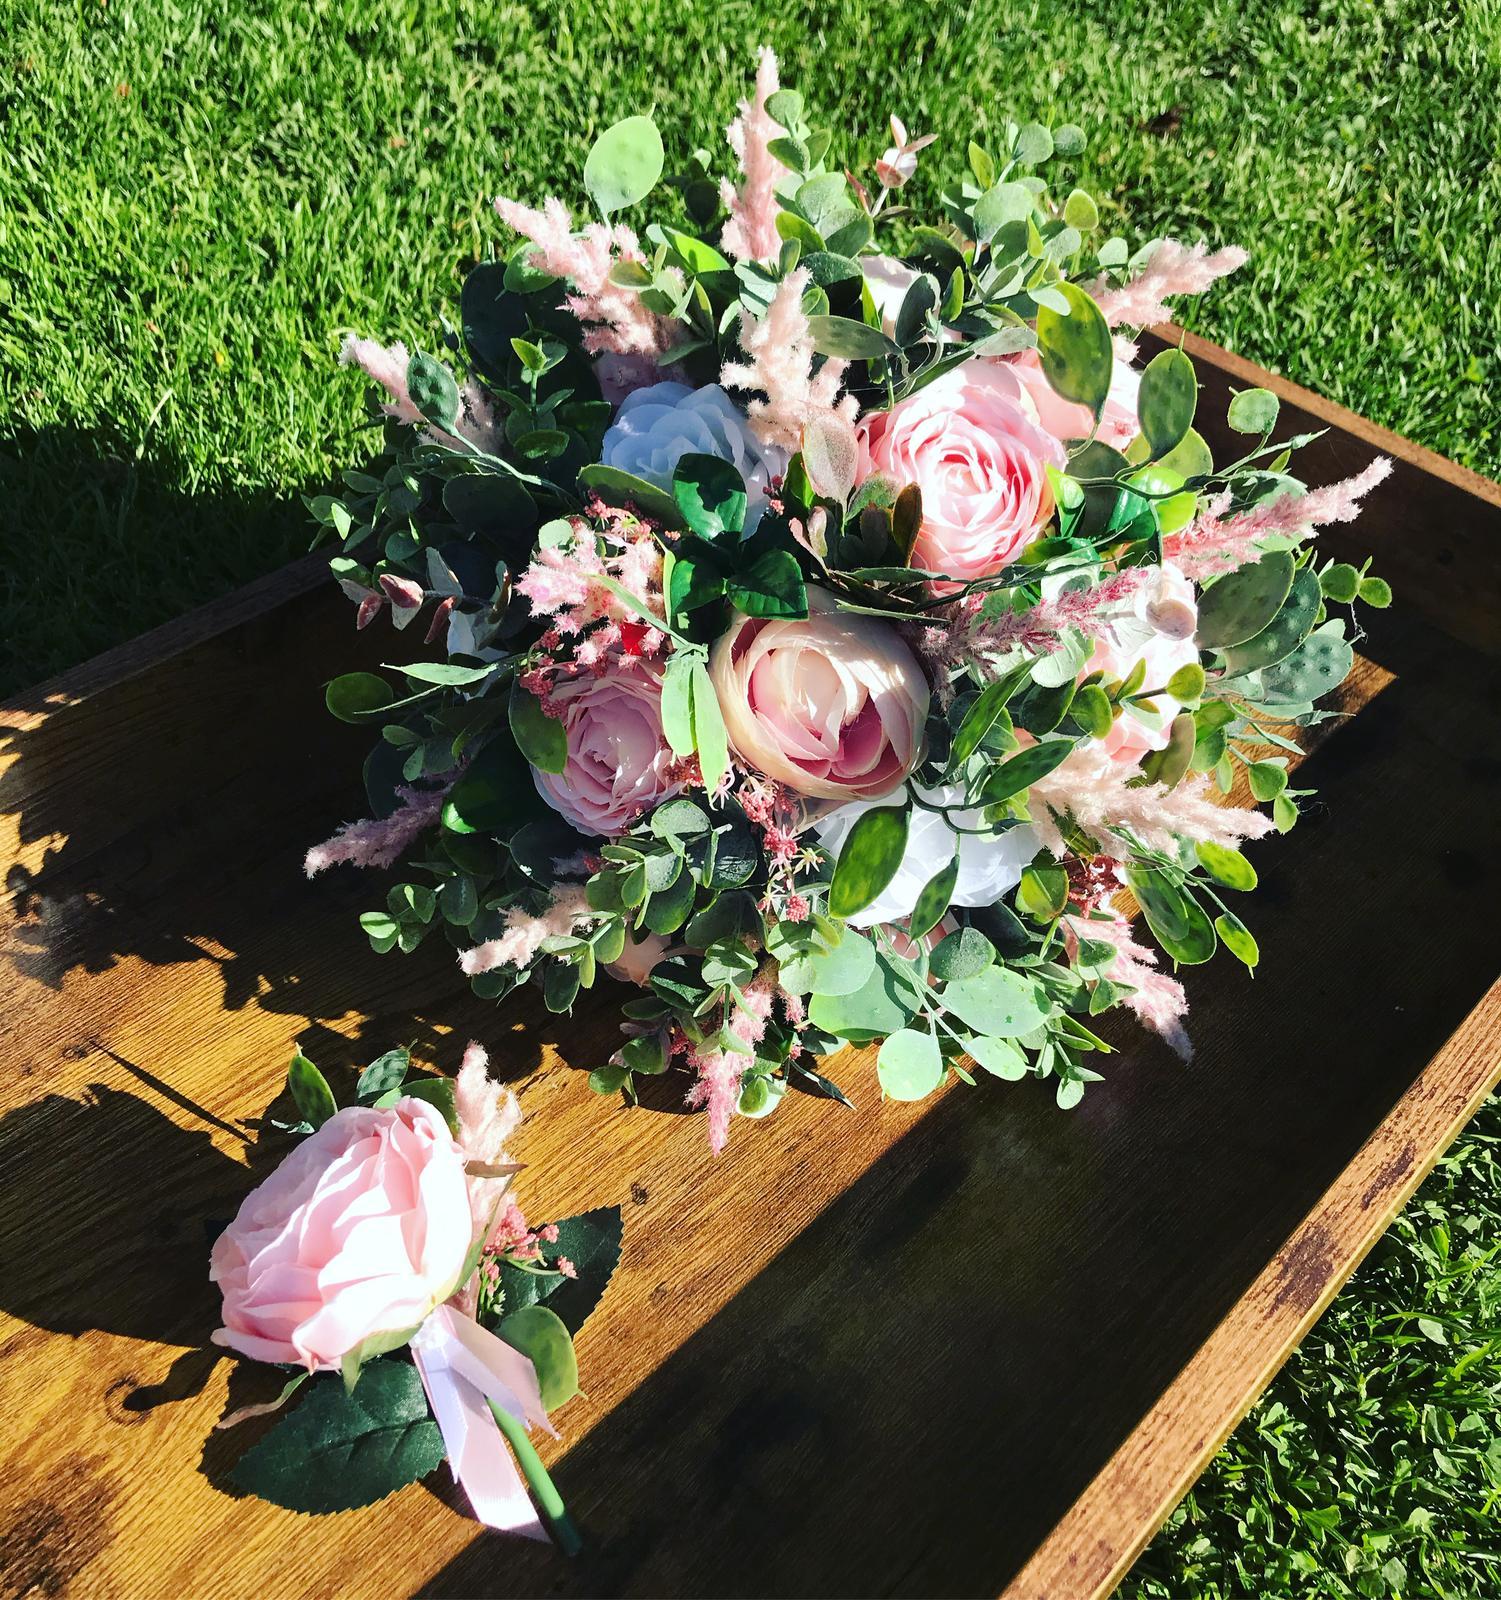 Svatební kytice starorůžová - Obrázek č. 1